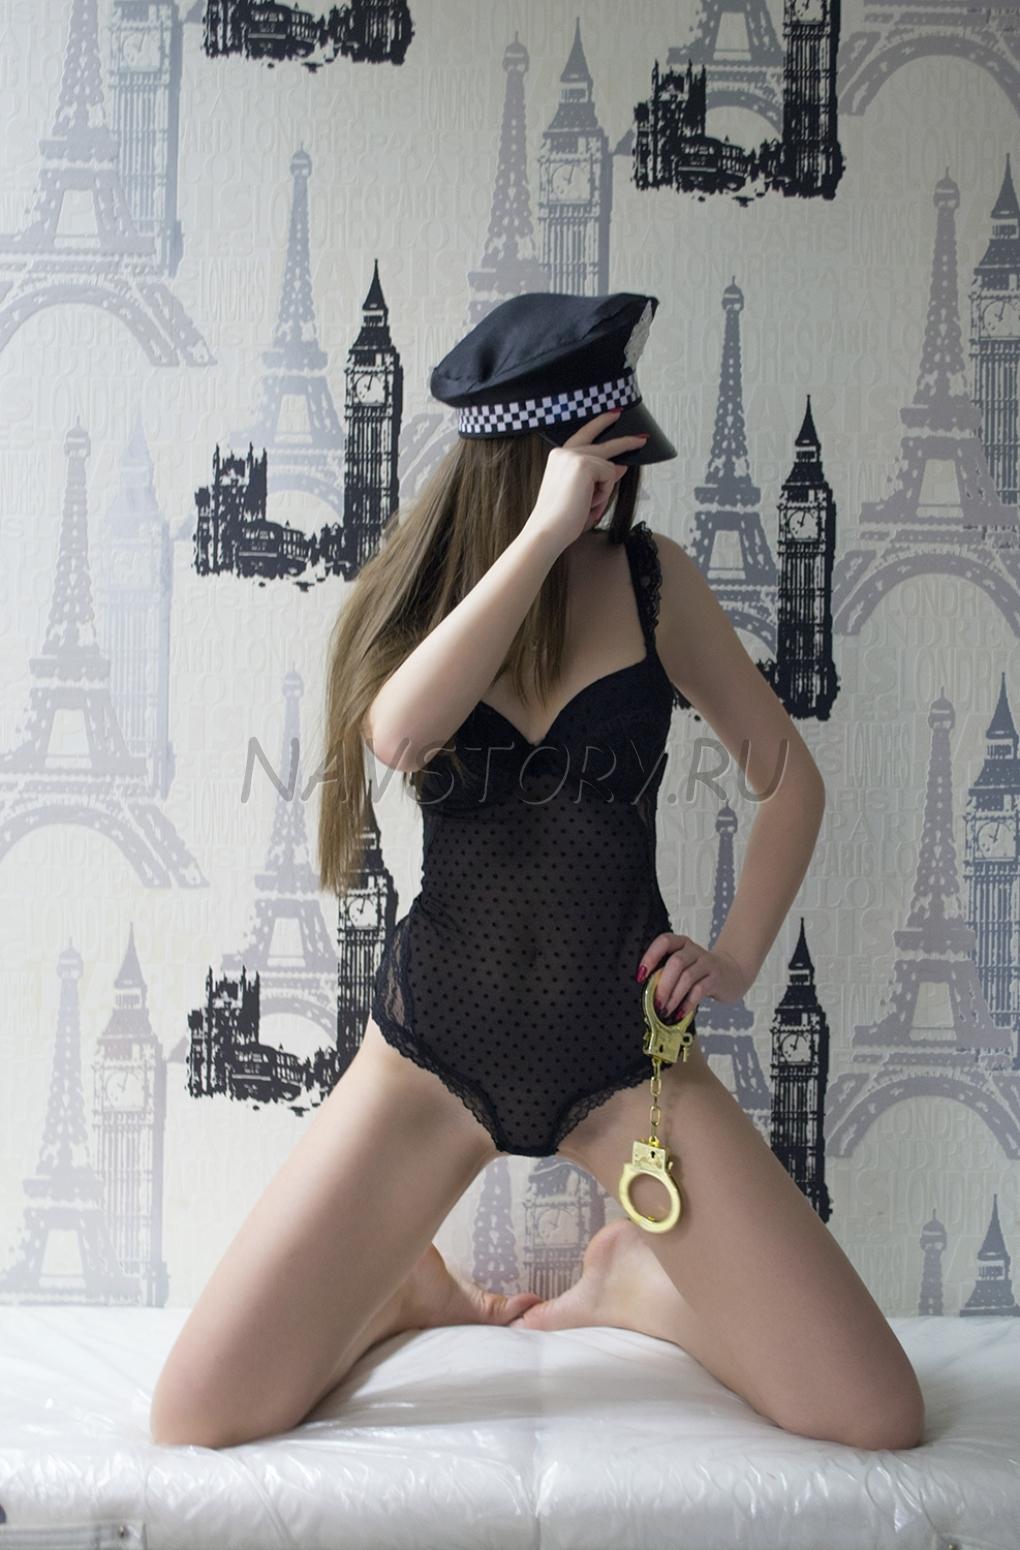 Эротический массаж настя 8 фотография